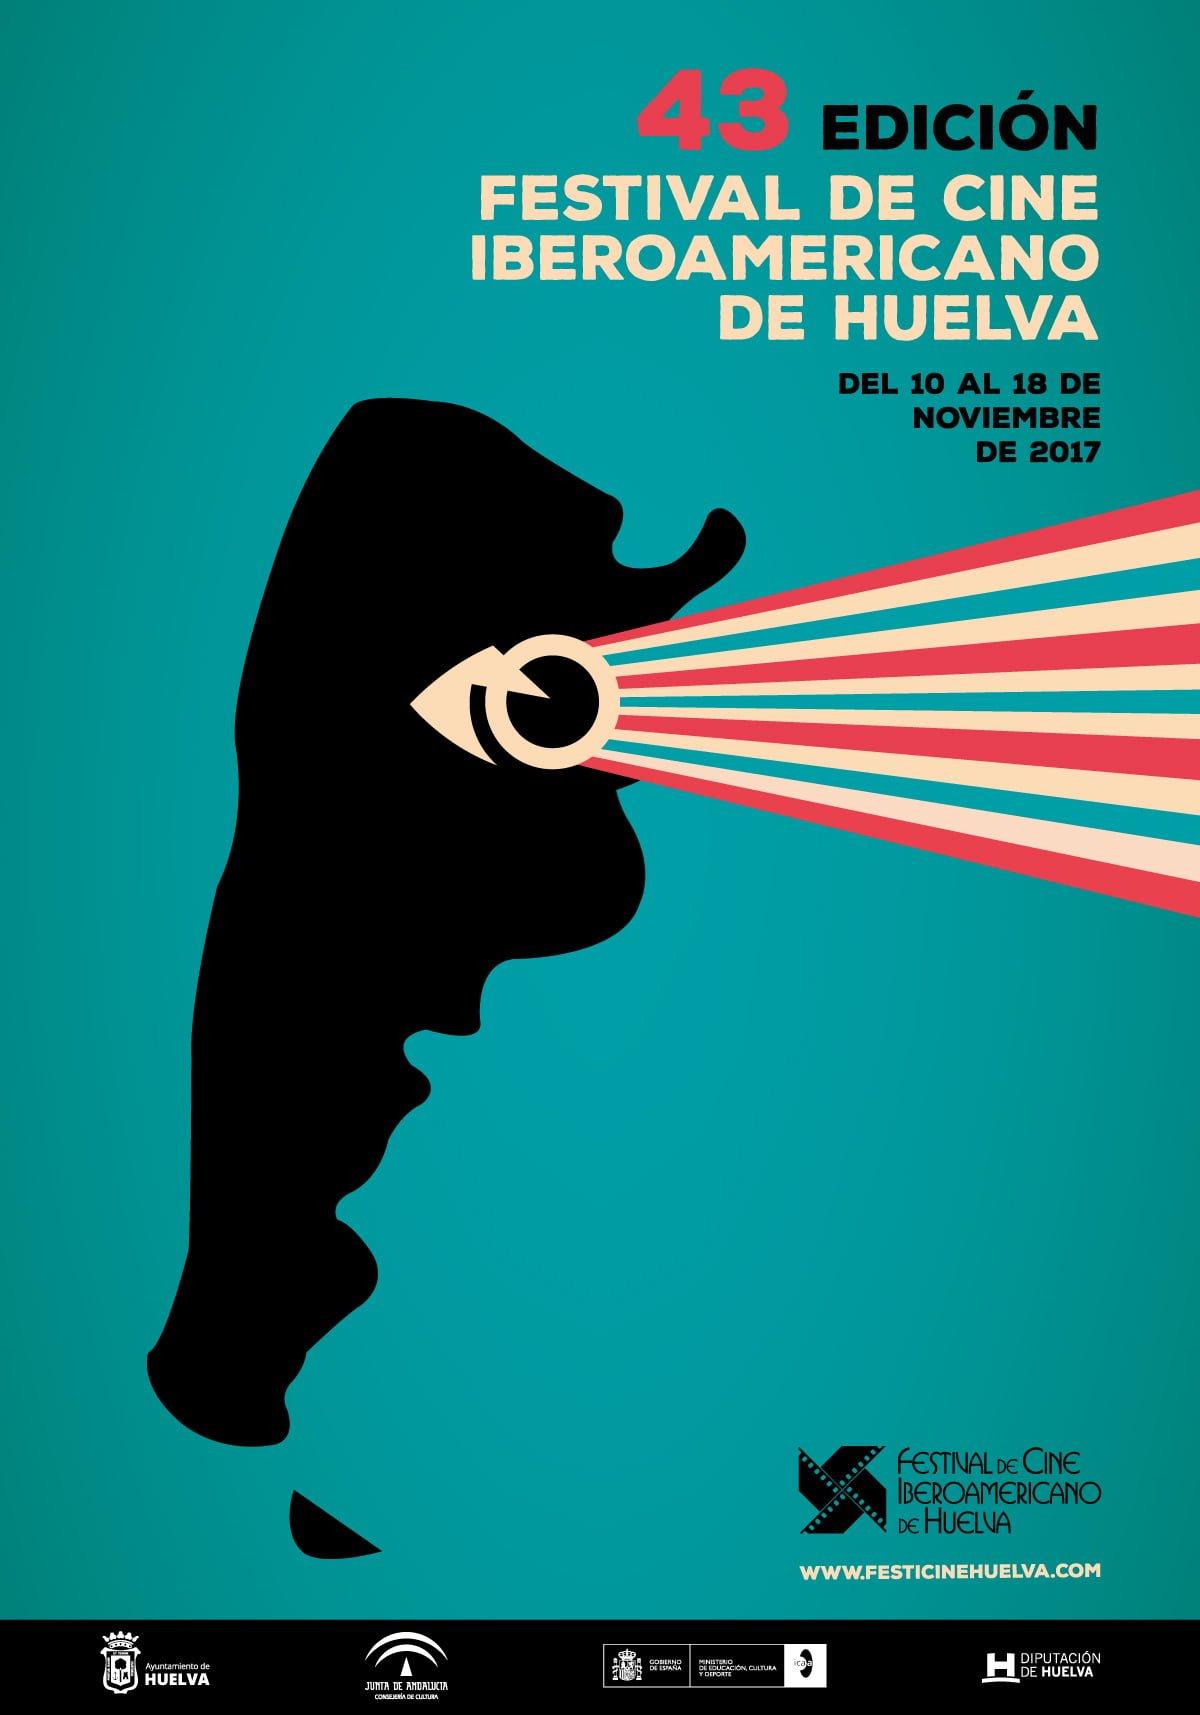 Cartel de la 43 Edición del Festival de Cine Iberoamericano